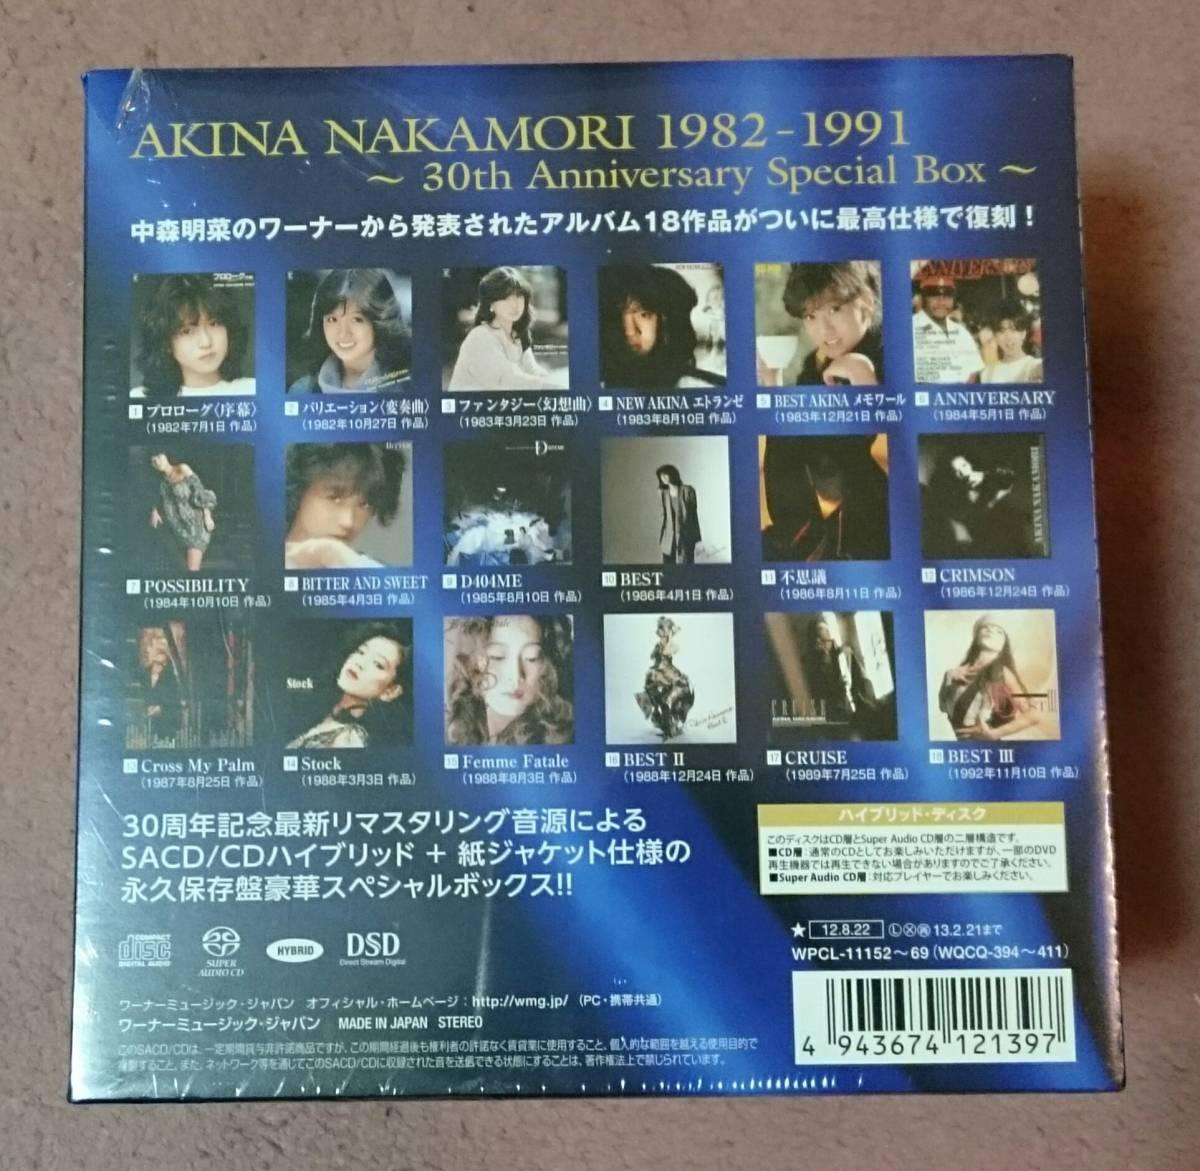 【未開封】 中森明菜 AKINA BOX 1982-1991 (紙ジャケット&SACD/CDハイブリッド仕様) CDアルバム18枚組BOX 完全生産限定盤 入手困難_画像2